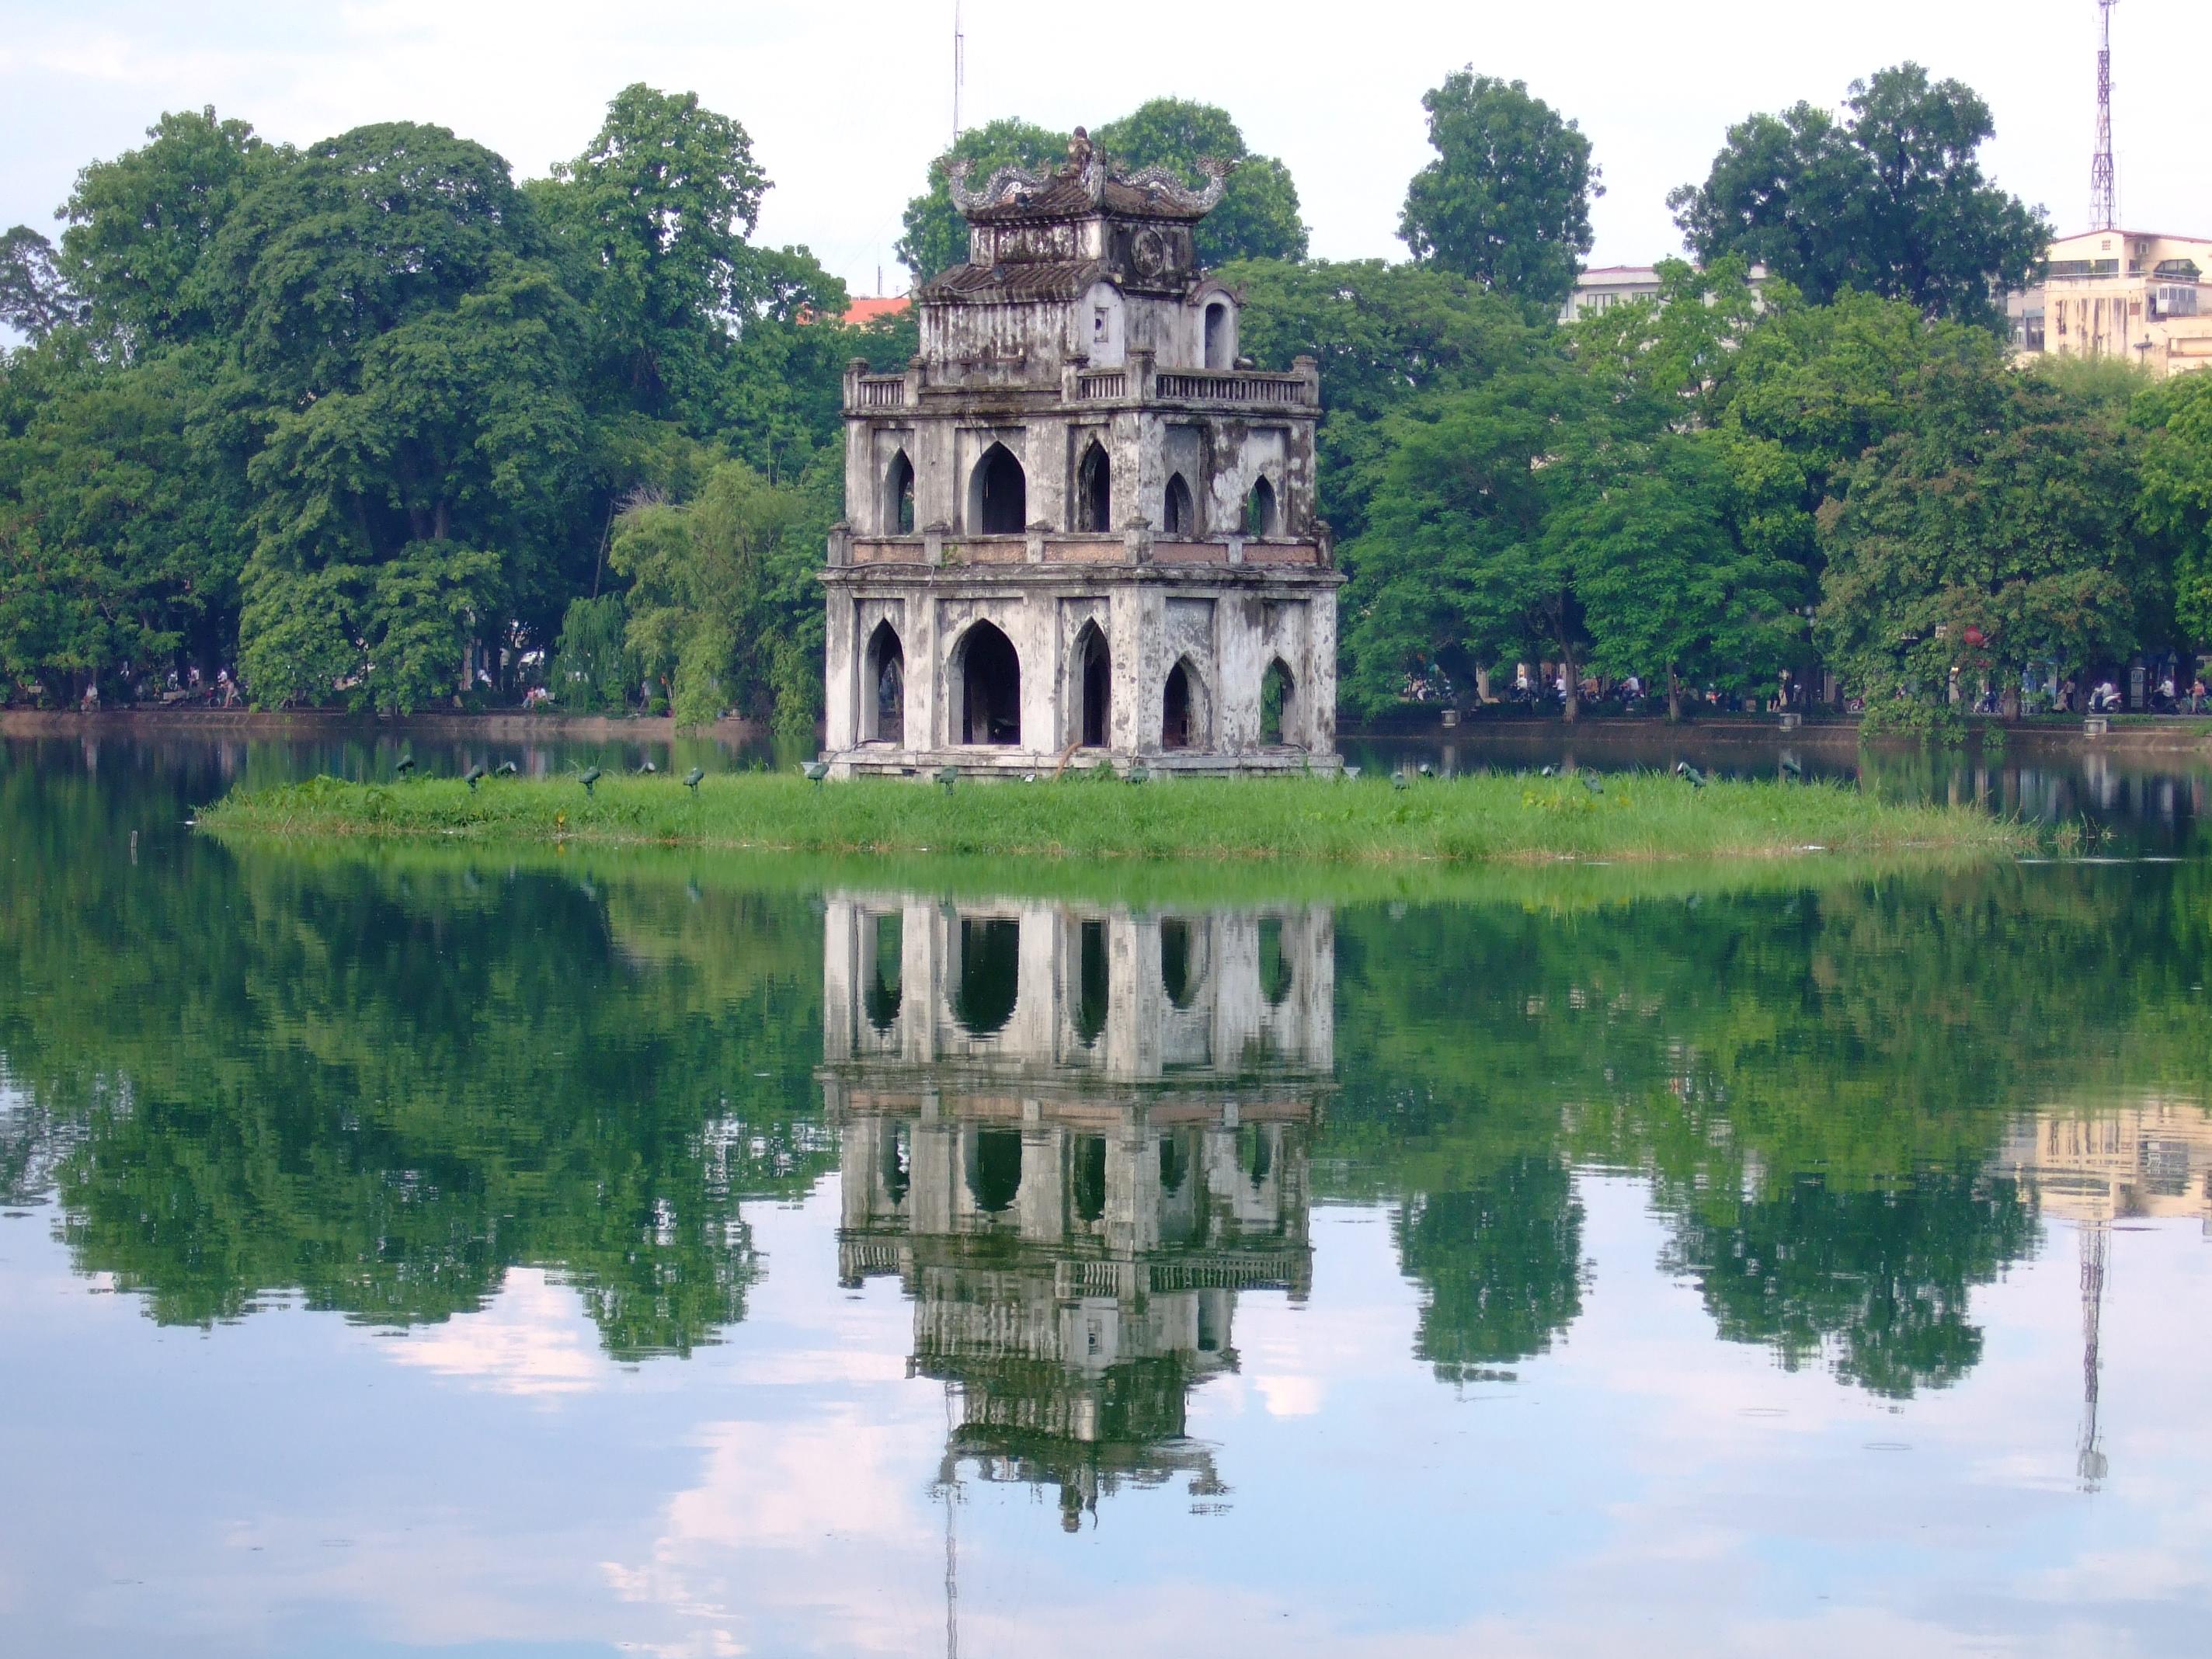 Bán nhớt Repsol chính hãng tại Hà Nội